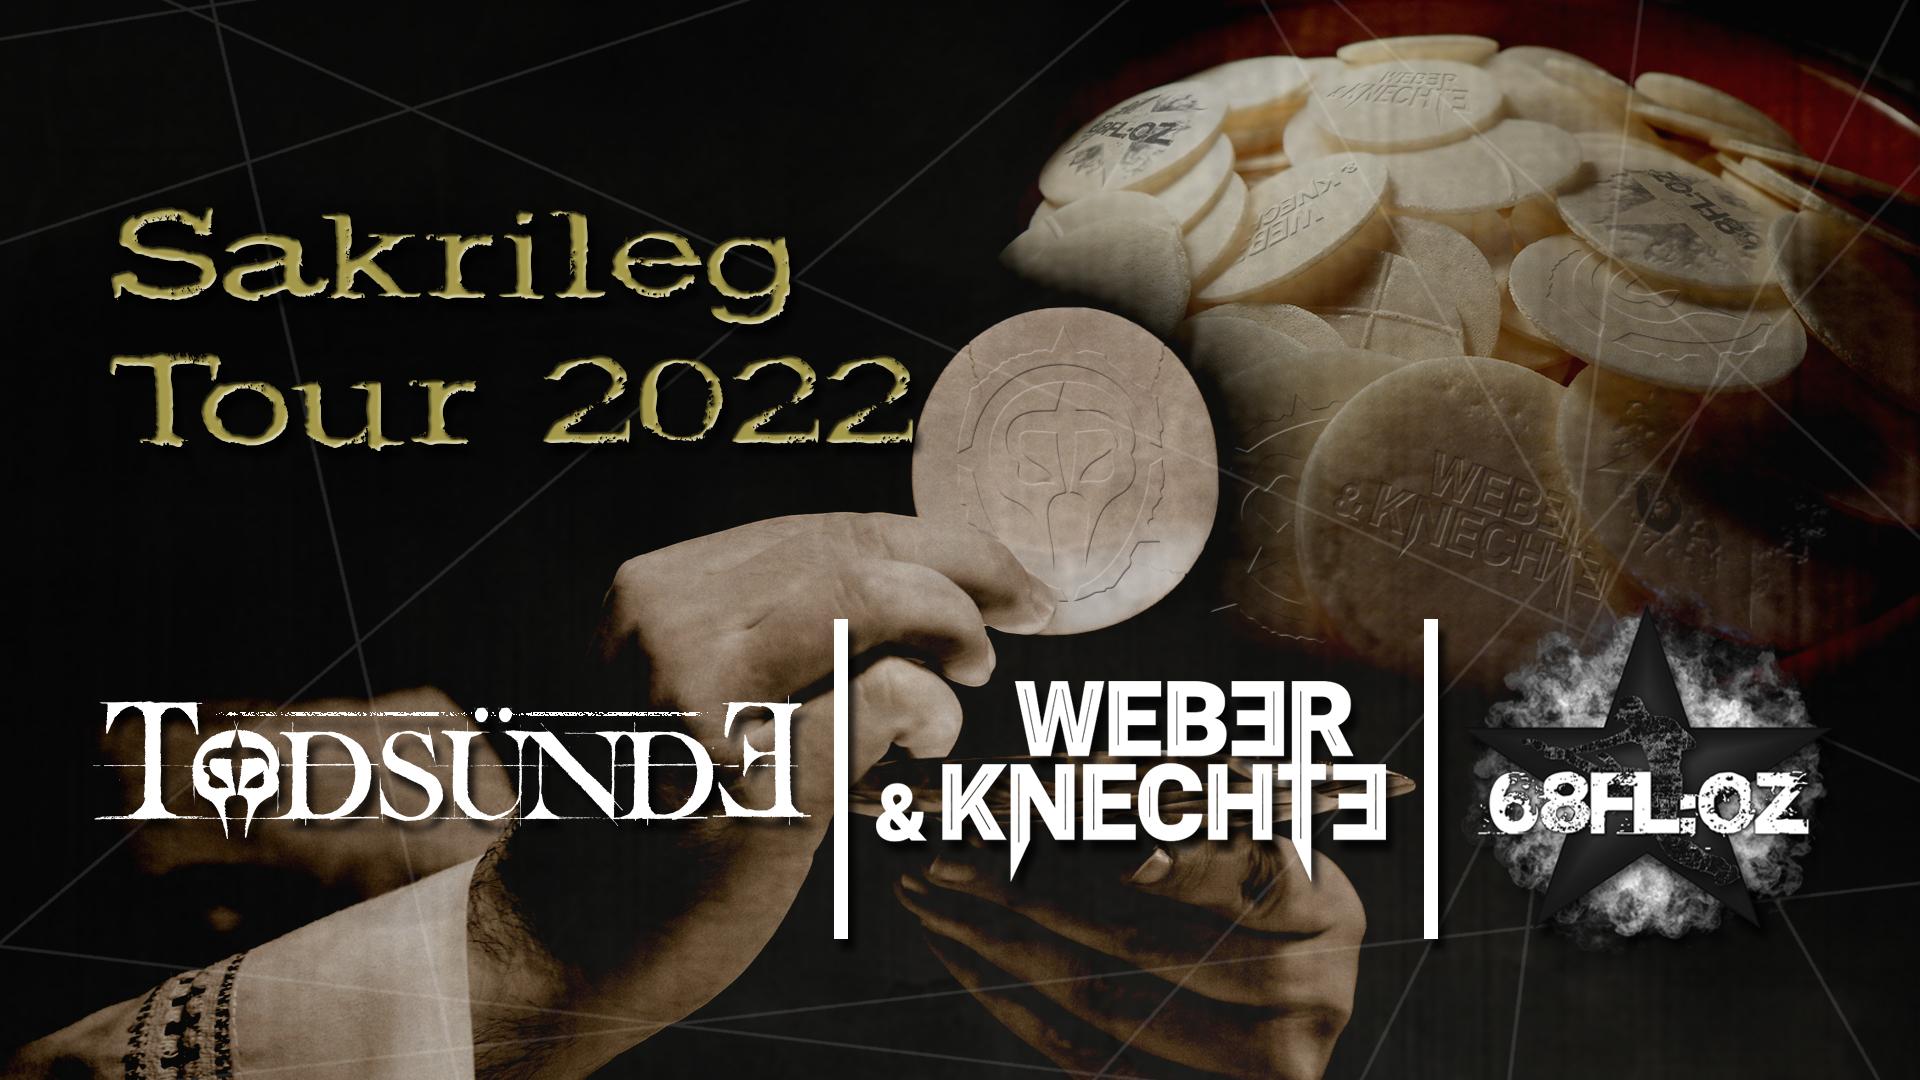 Sakrileg Tour 2022